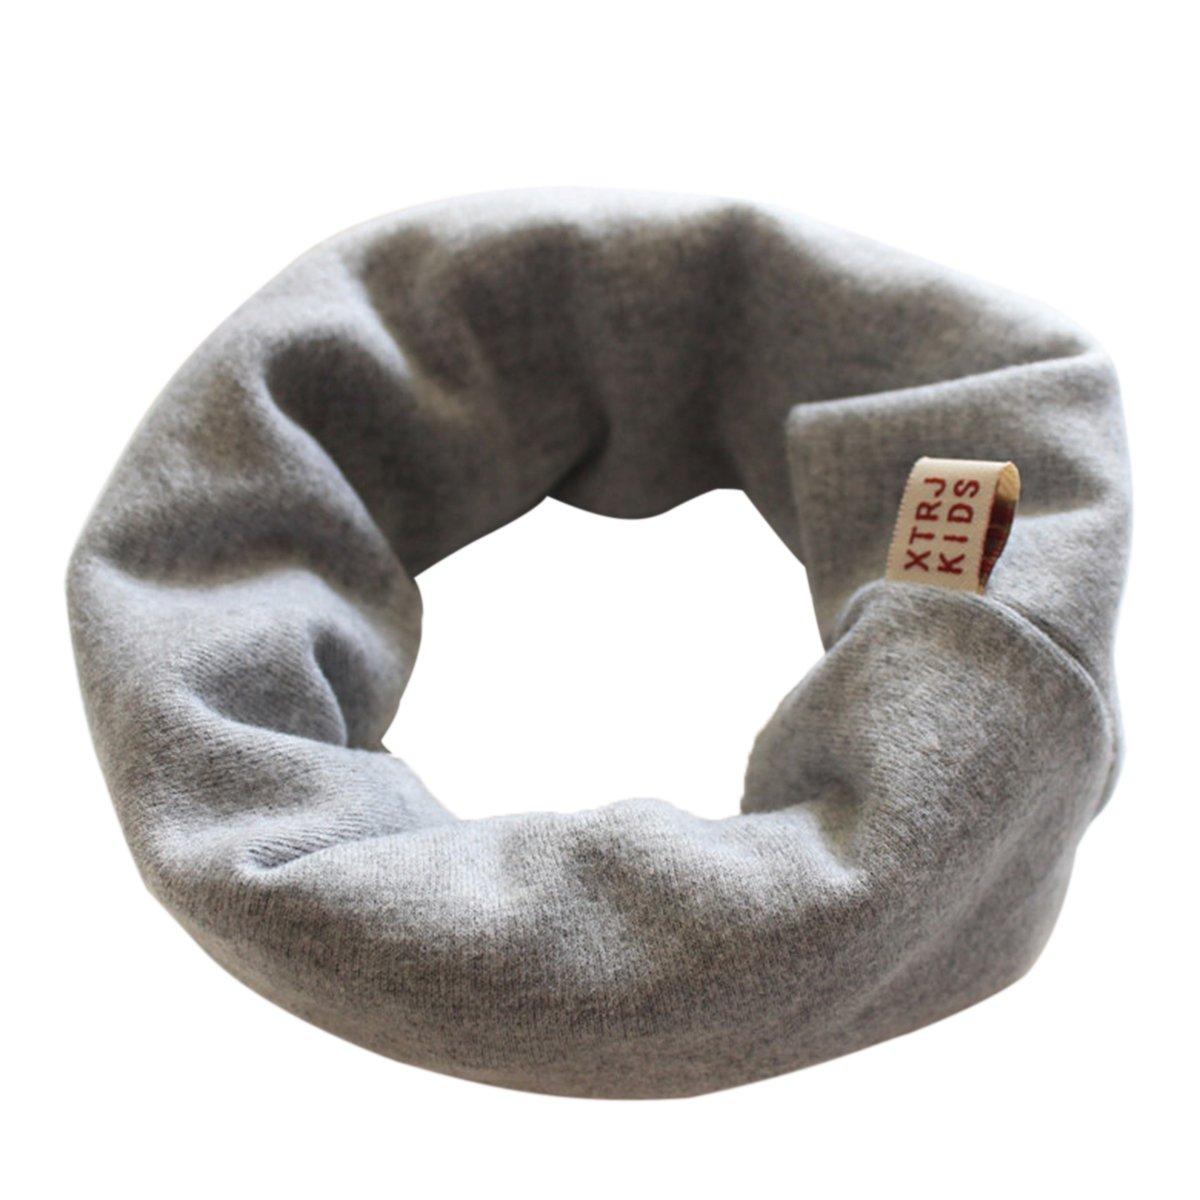 TININNA Autunno e Inverno Caldo Collo Cotone Solido Colore Sciarpa Scaldacollo Bavaglino Sciarpe per bambini ragazzi ragazze(Verde)